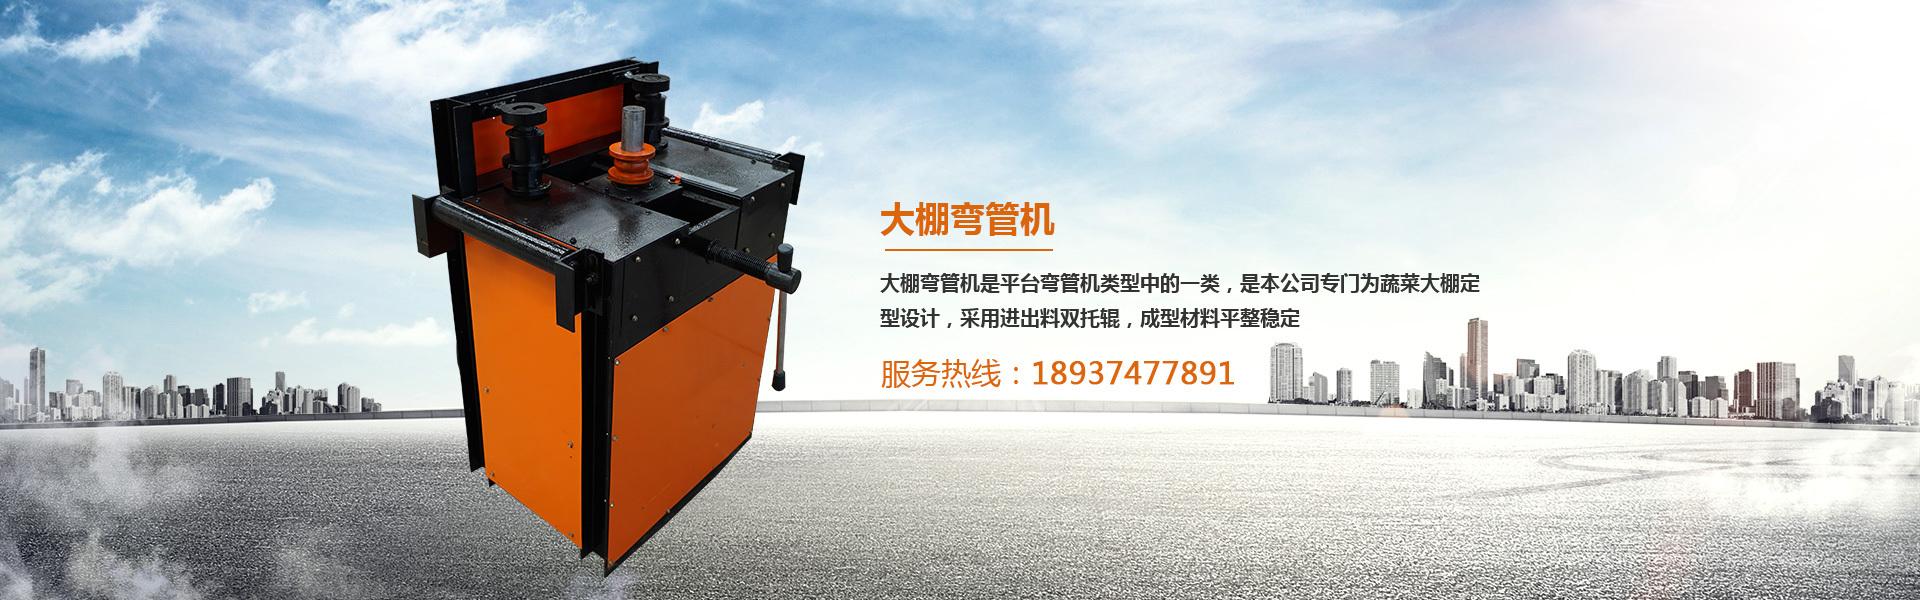 弯管机,弯管机电动,液压弯管机,弯管器,切断机